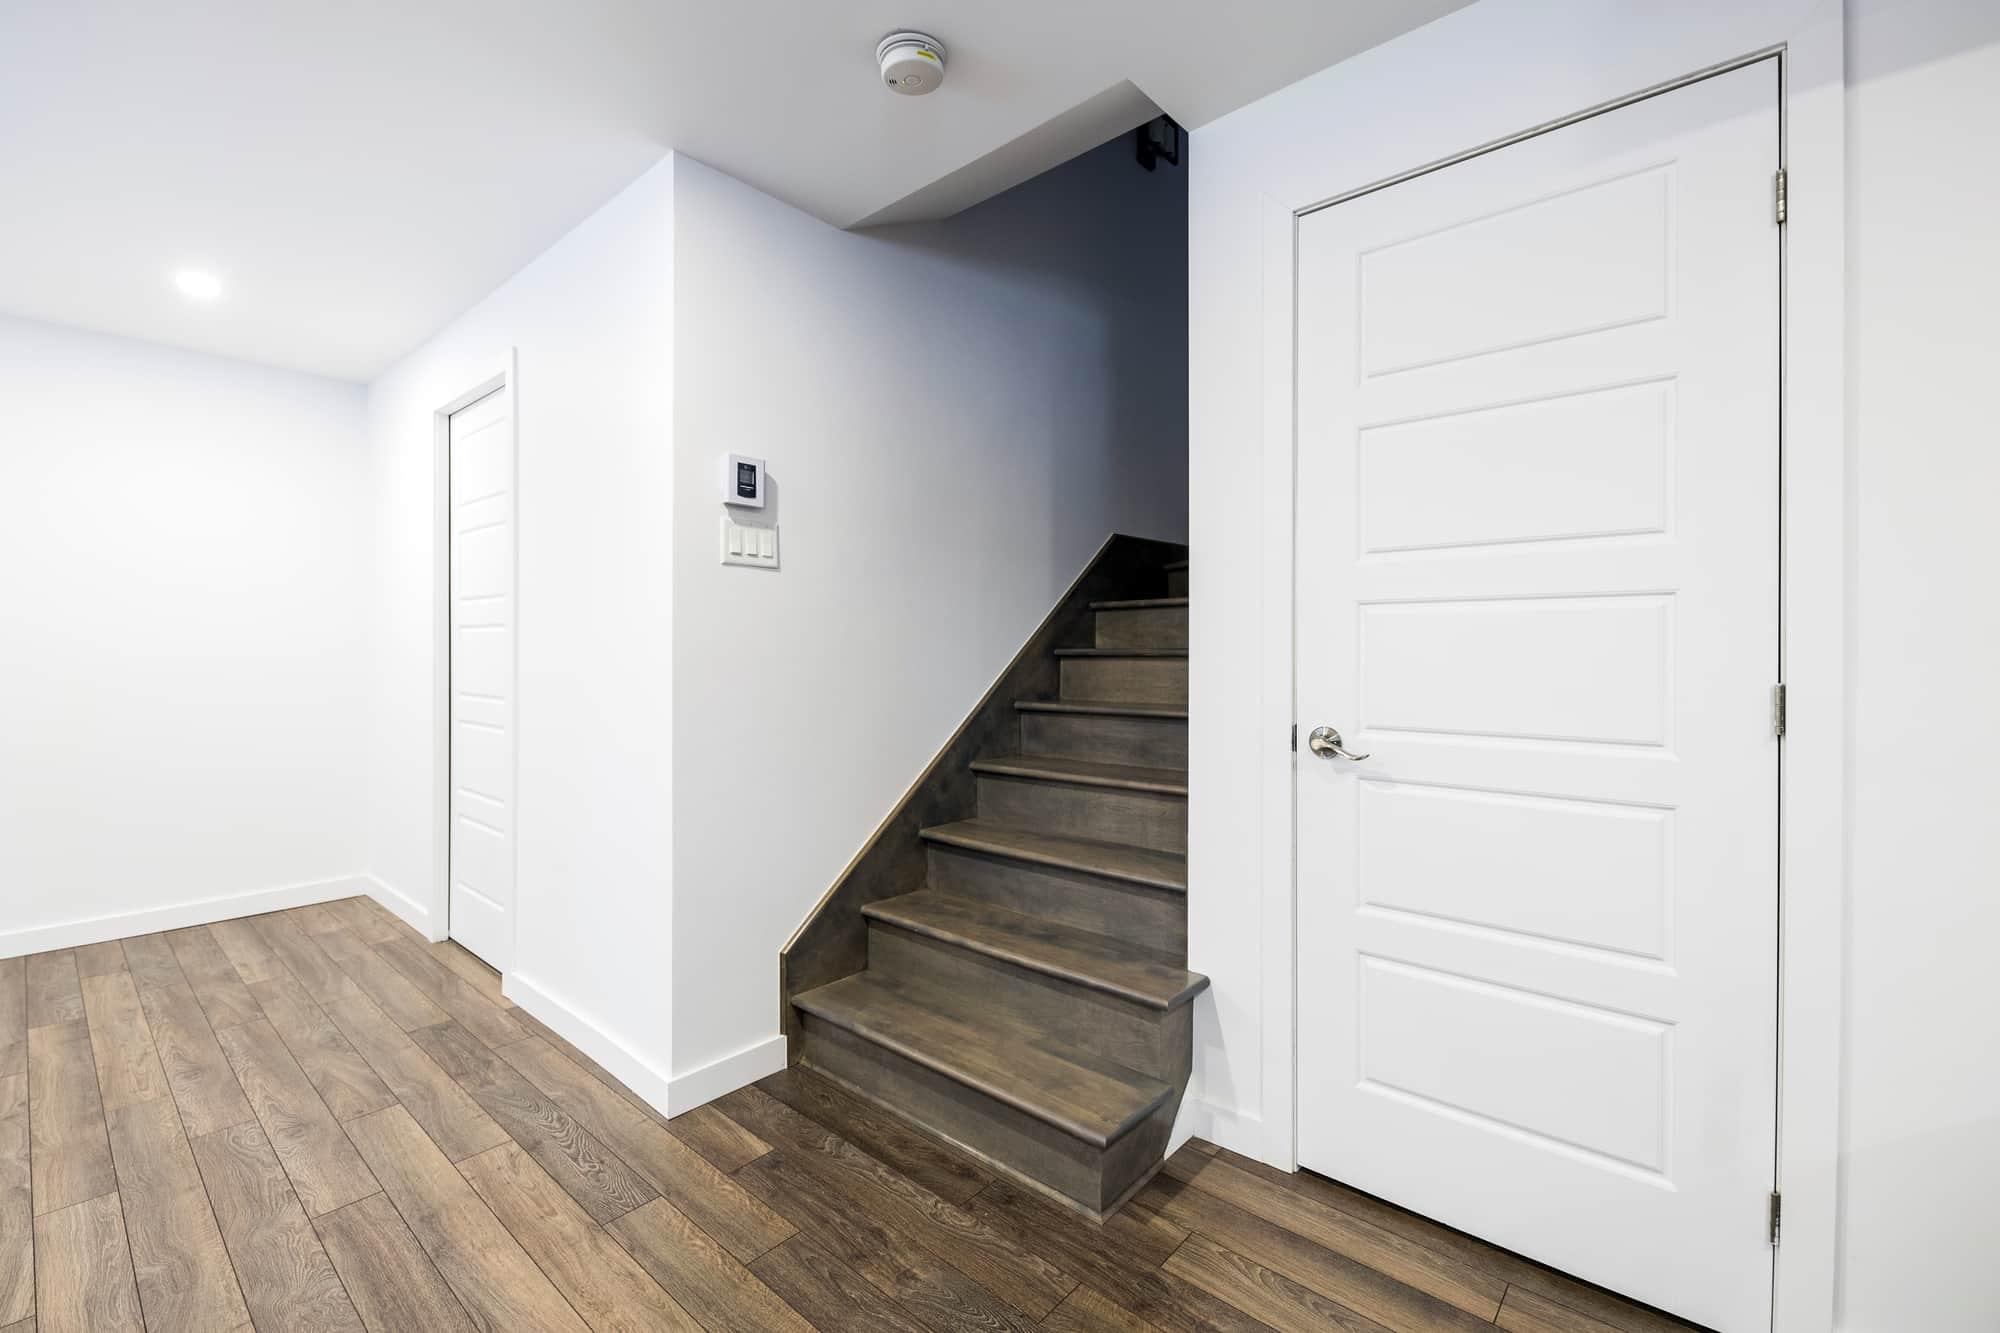 Escalier en merisier dans un sous-sol rénové